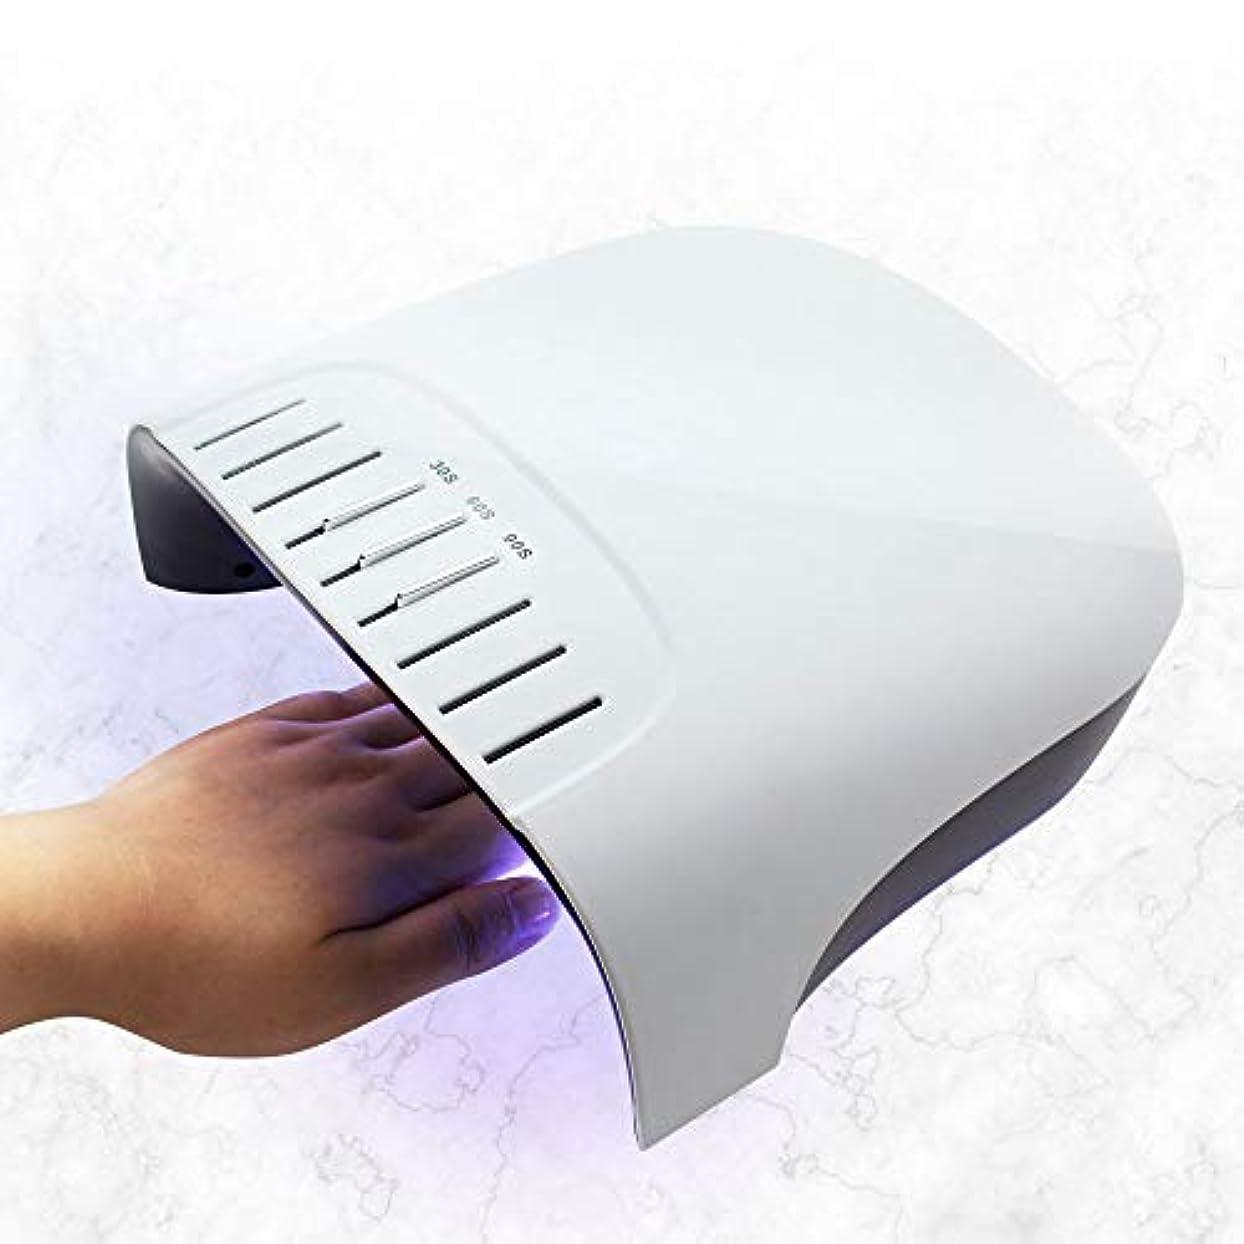 教える困惑する実行LCDタイマーとボタンでアップグレードされた60W LEDネイルドライヤージェルポリッシュネイルアートツール用UV LED紫外線ネイルランプ36pcs